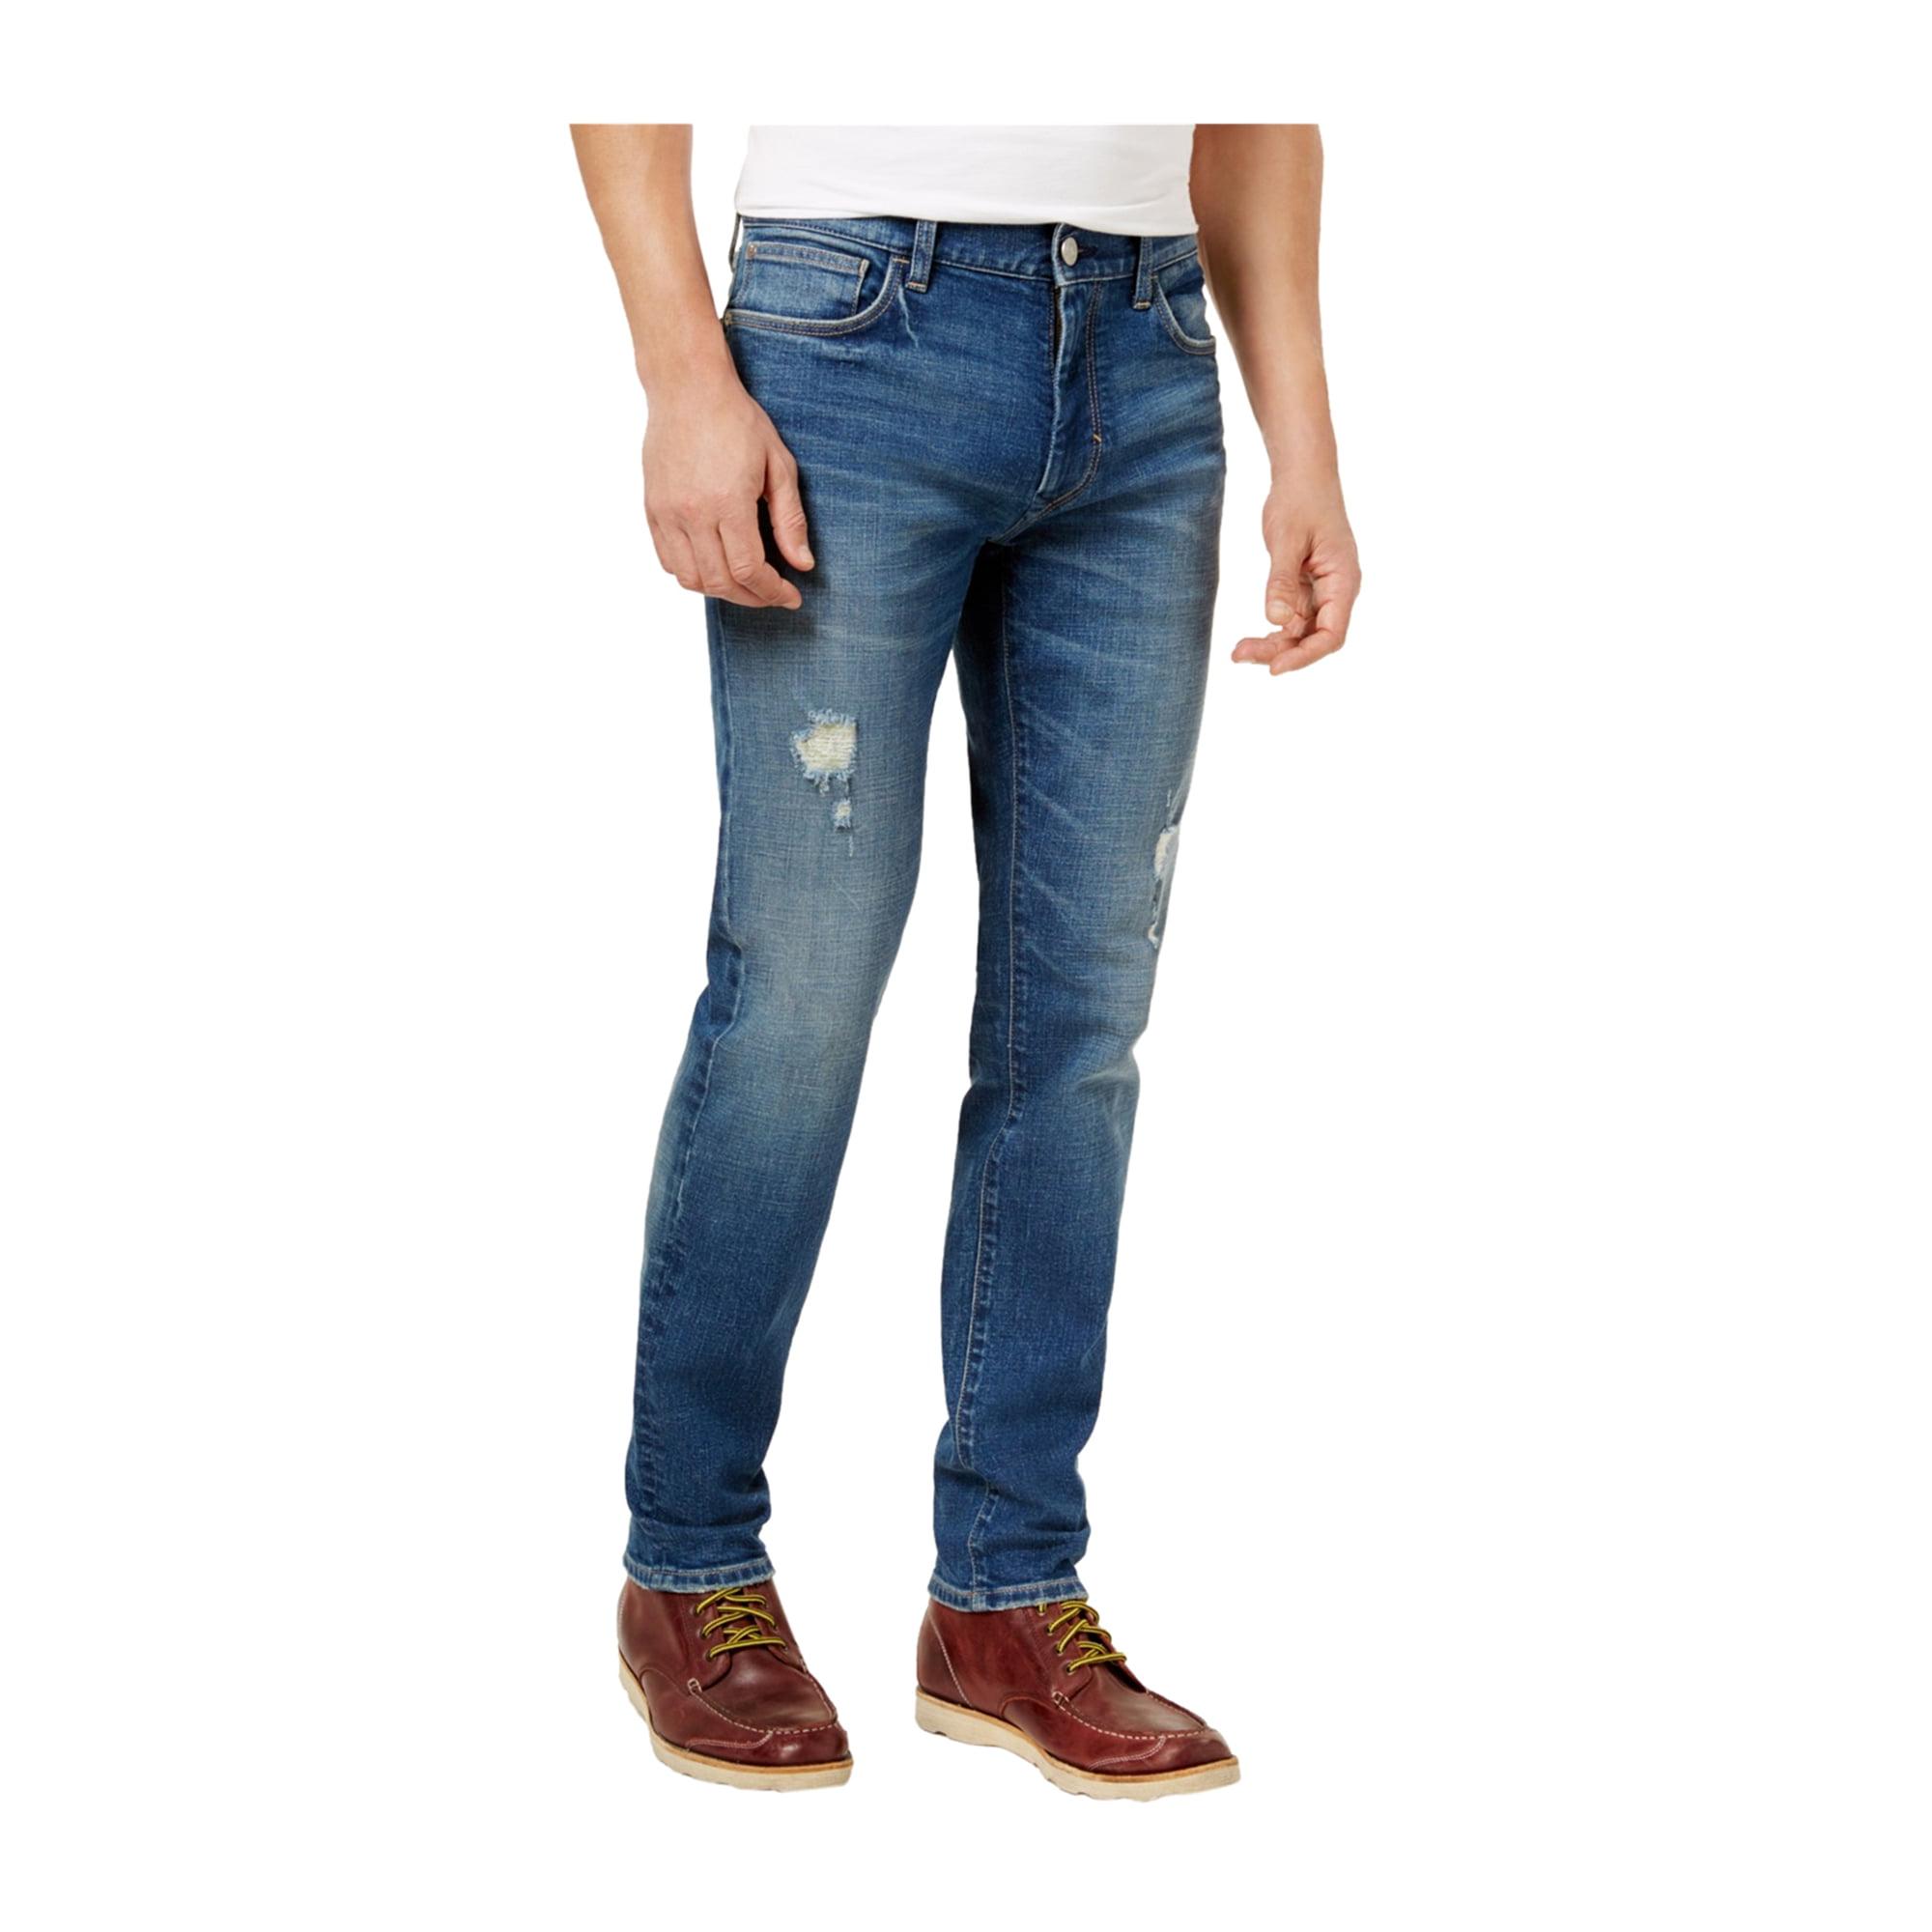 offizielle Bilder letzte Veröffentlichung 60% Freigabe Tommy Hilfiger Mens Distressed Slim Fit Jeans 479 36x32 ...